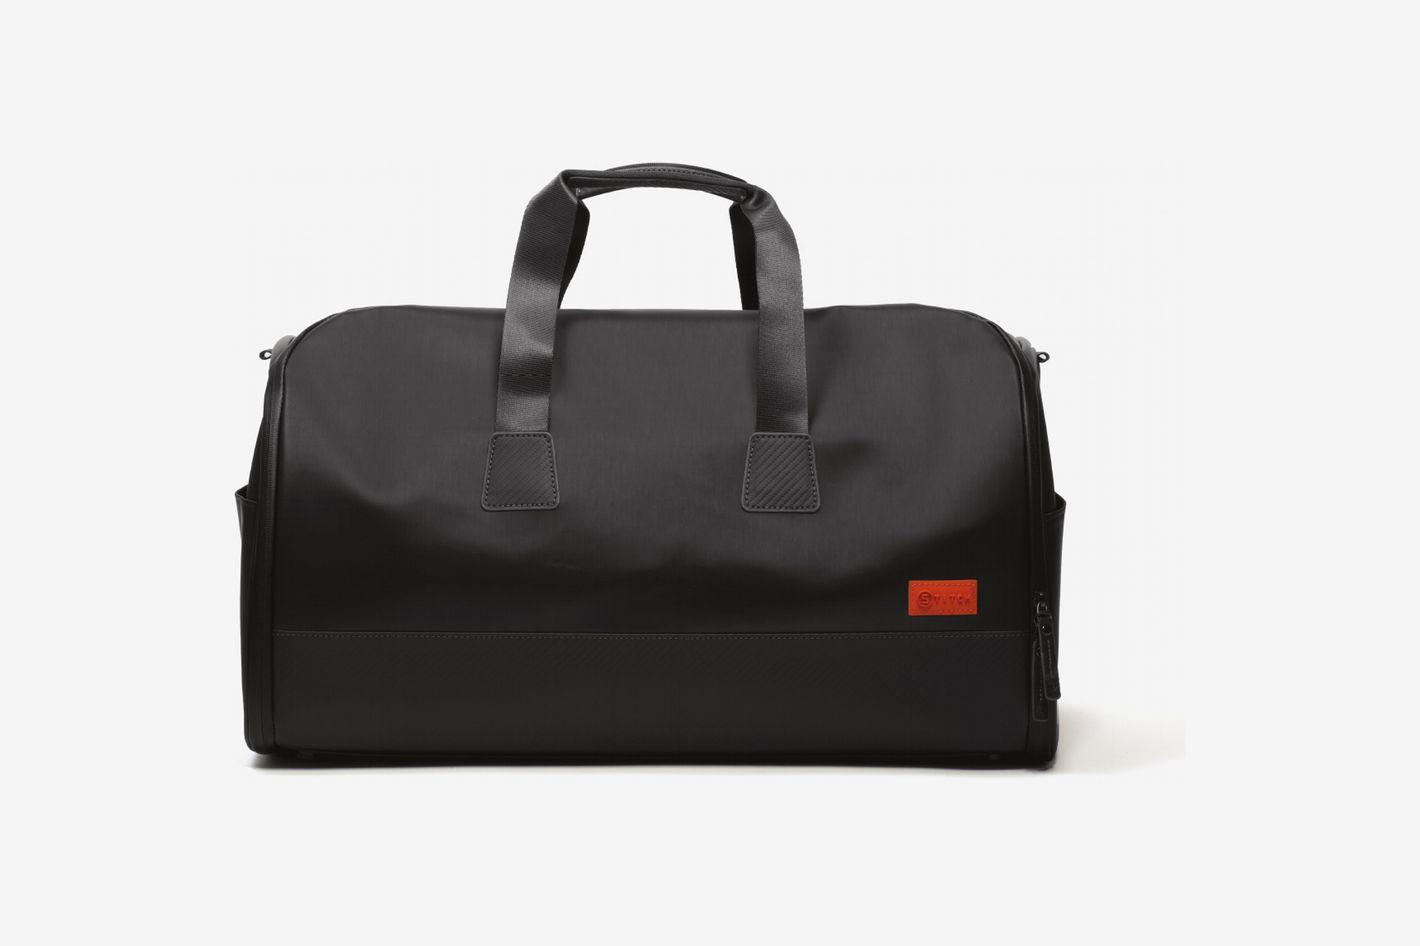 Stitch Golf UGB Garment Bag